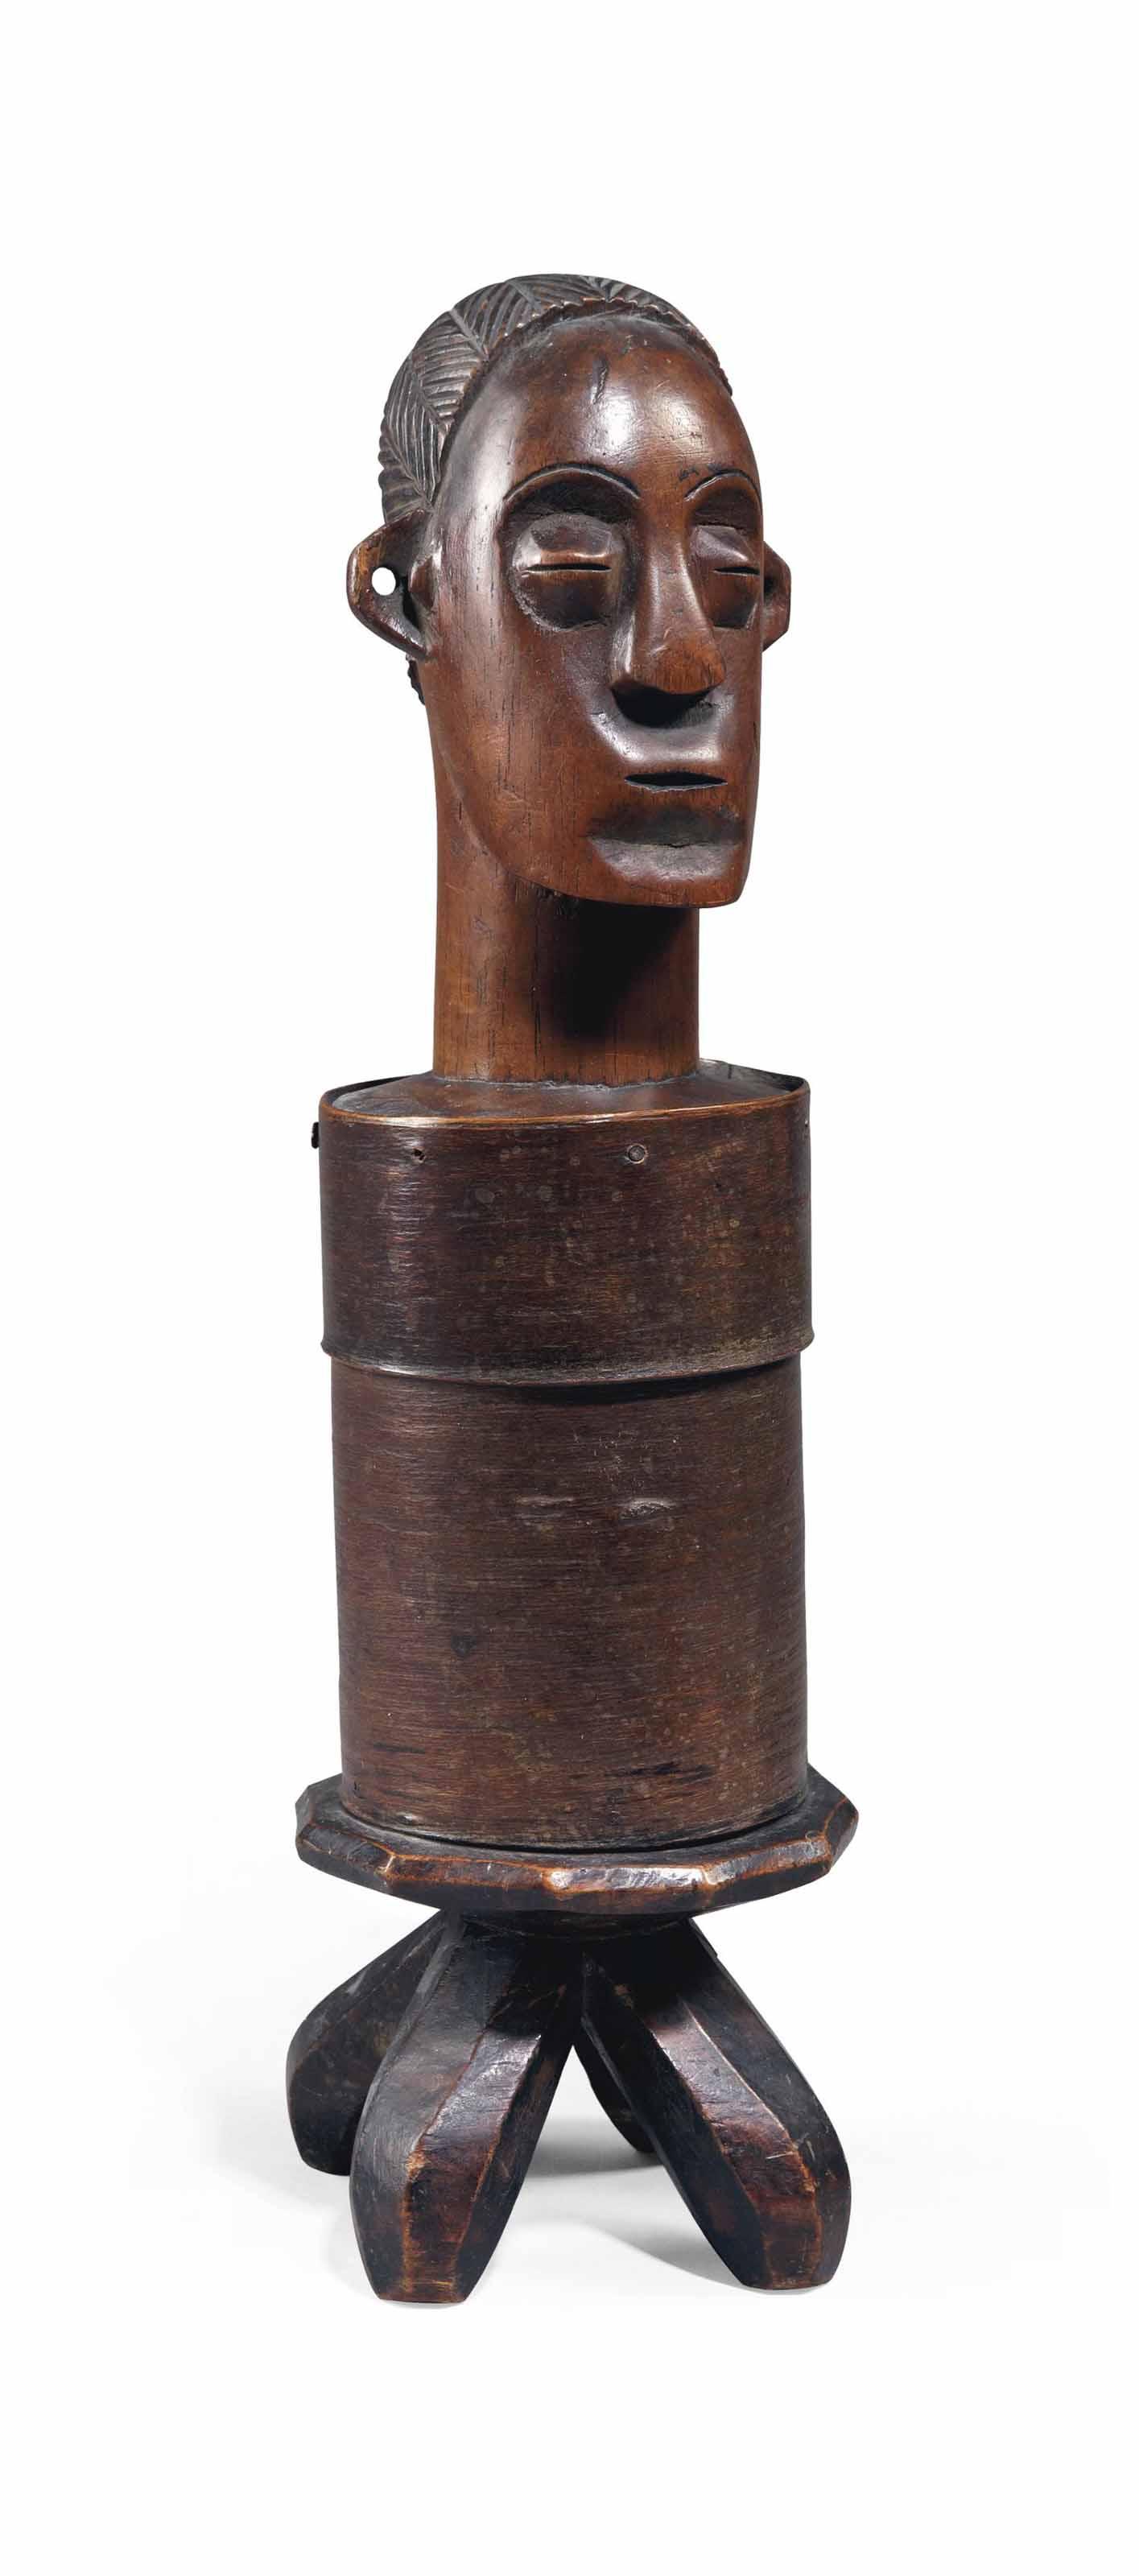 Boîte Mangbetu figurative Mang